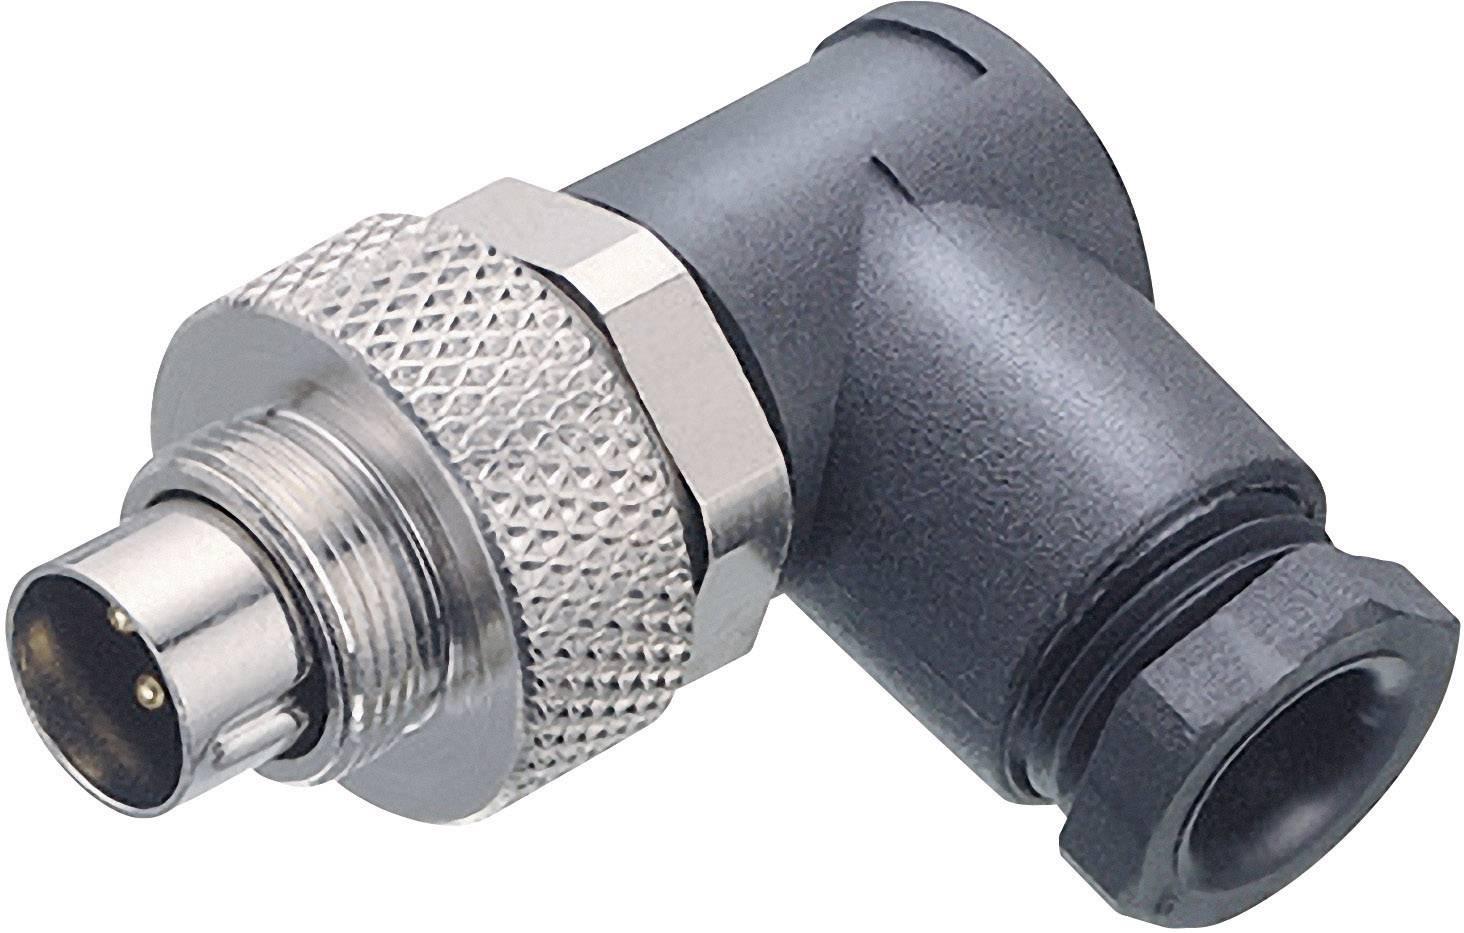 Guľatý konektor submin. Binder 99-0421-70-07, 7-pol., uhlová zástrčka, 3,5 - 5 mm, IP67